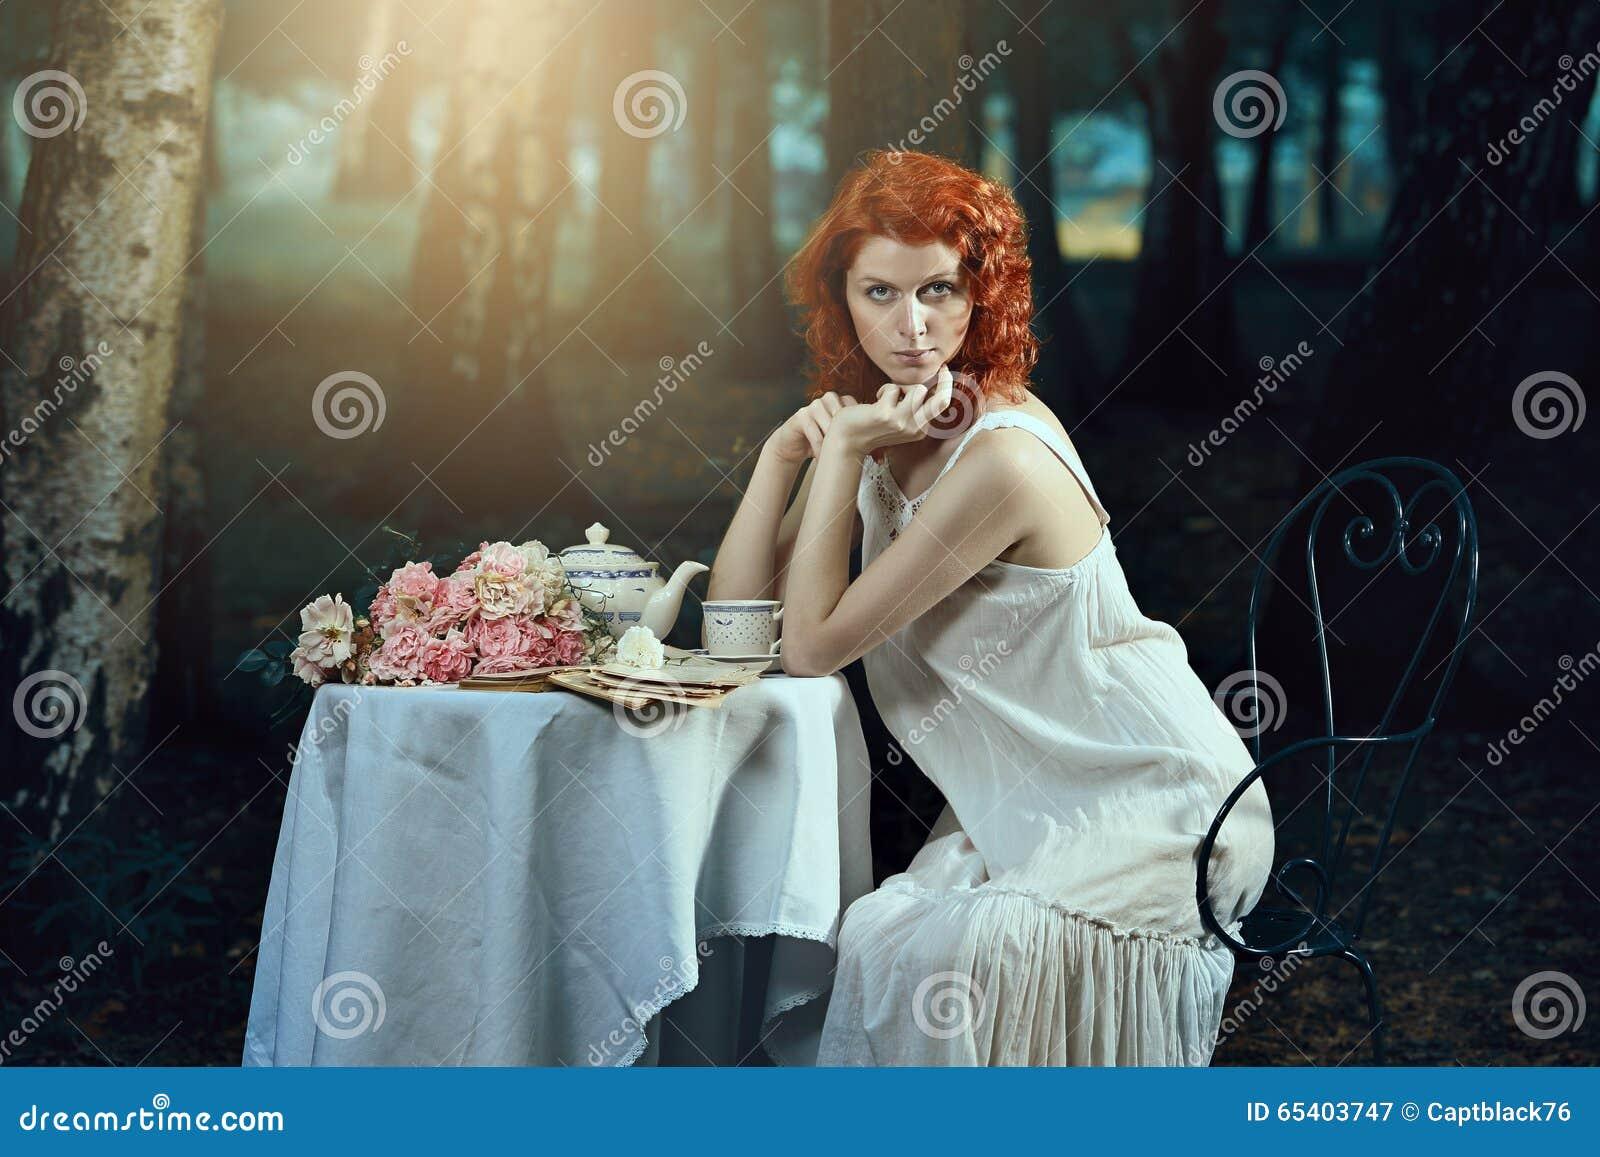 Mulher bonita com cabelo vermelho na floresta romântica